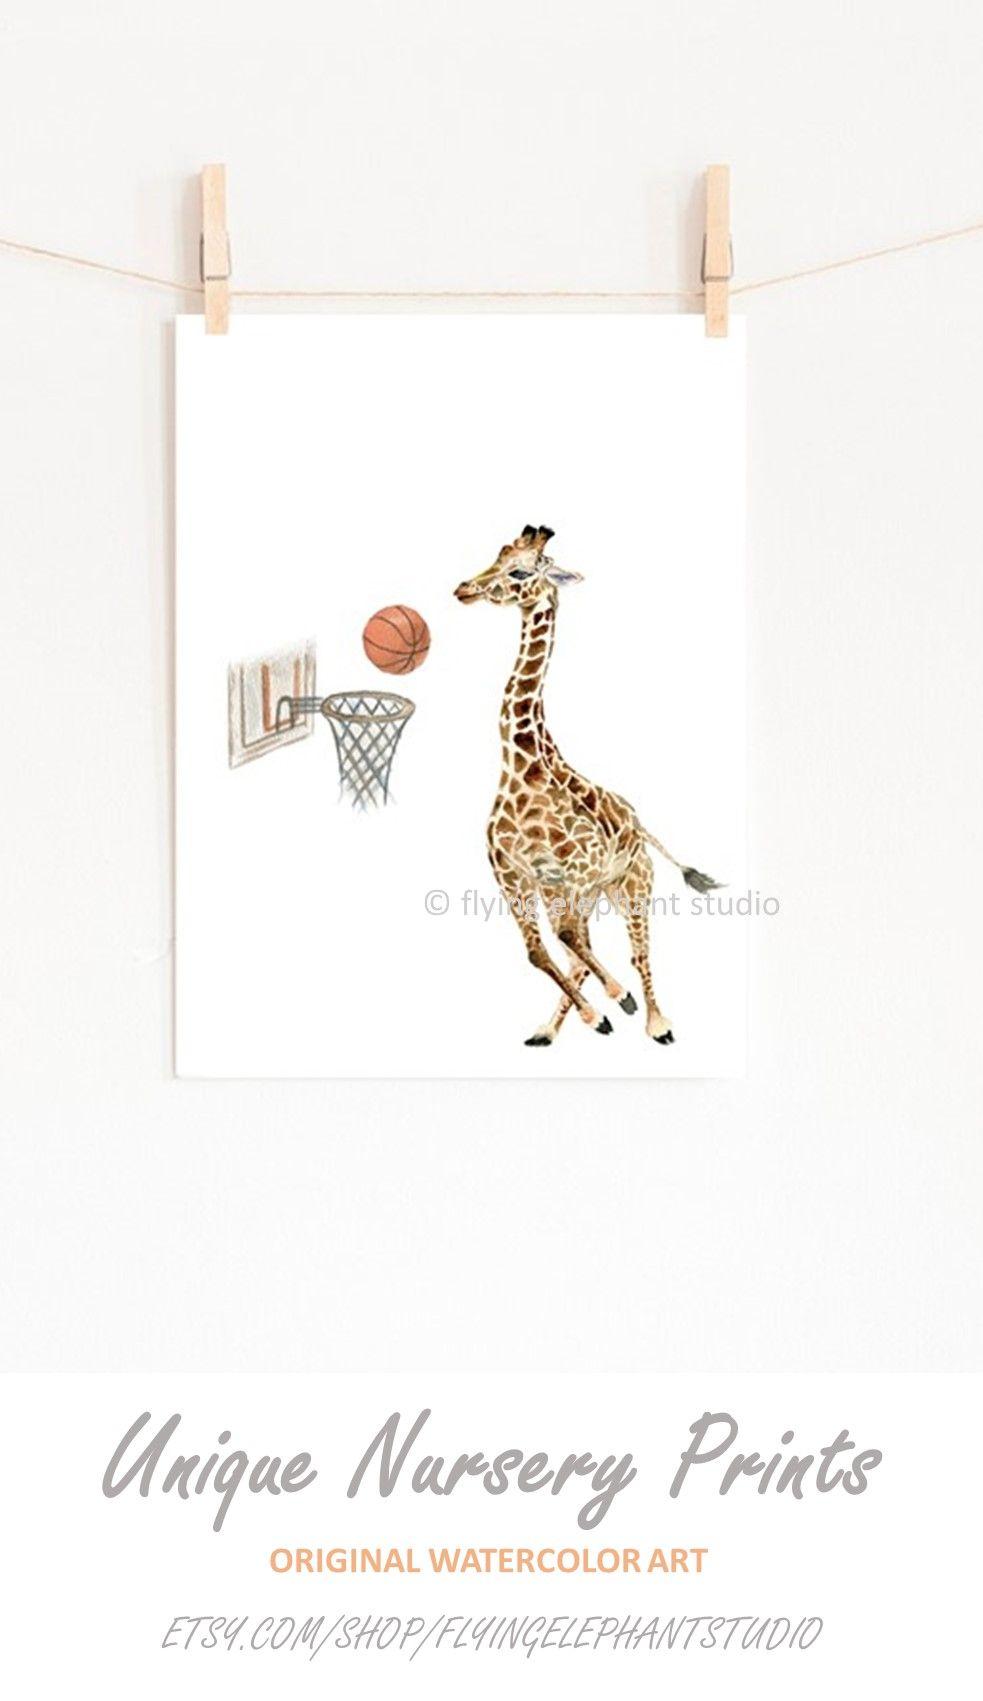 Dogs Playing Basketball Kids Room Animal Wall Decor Art Print Poster 16x20